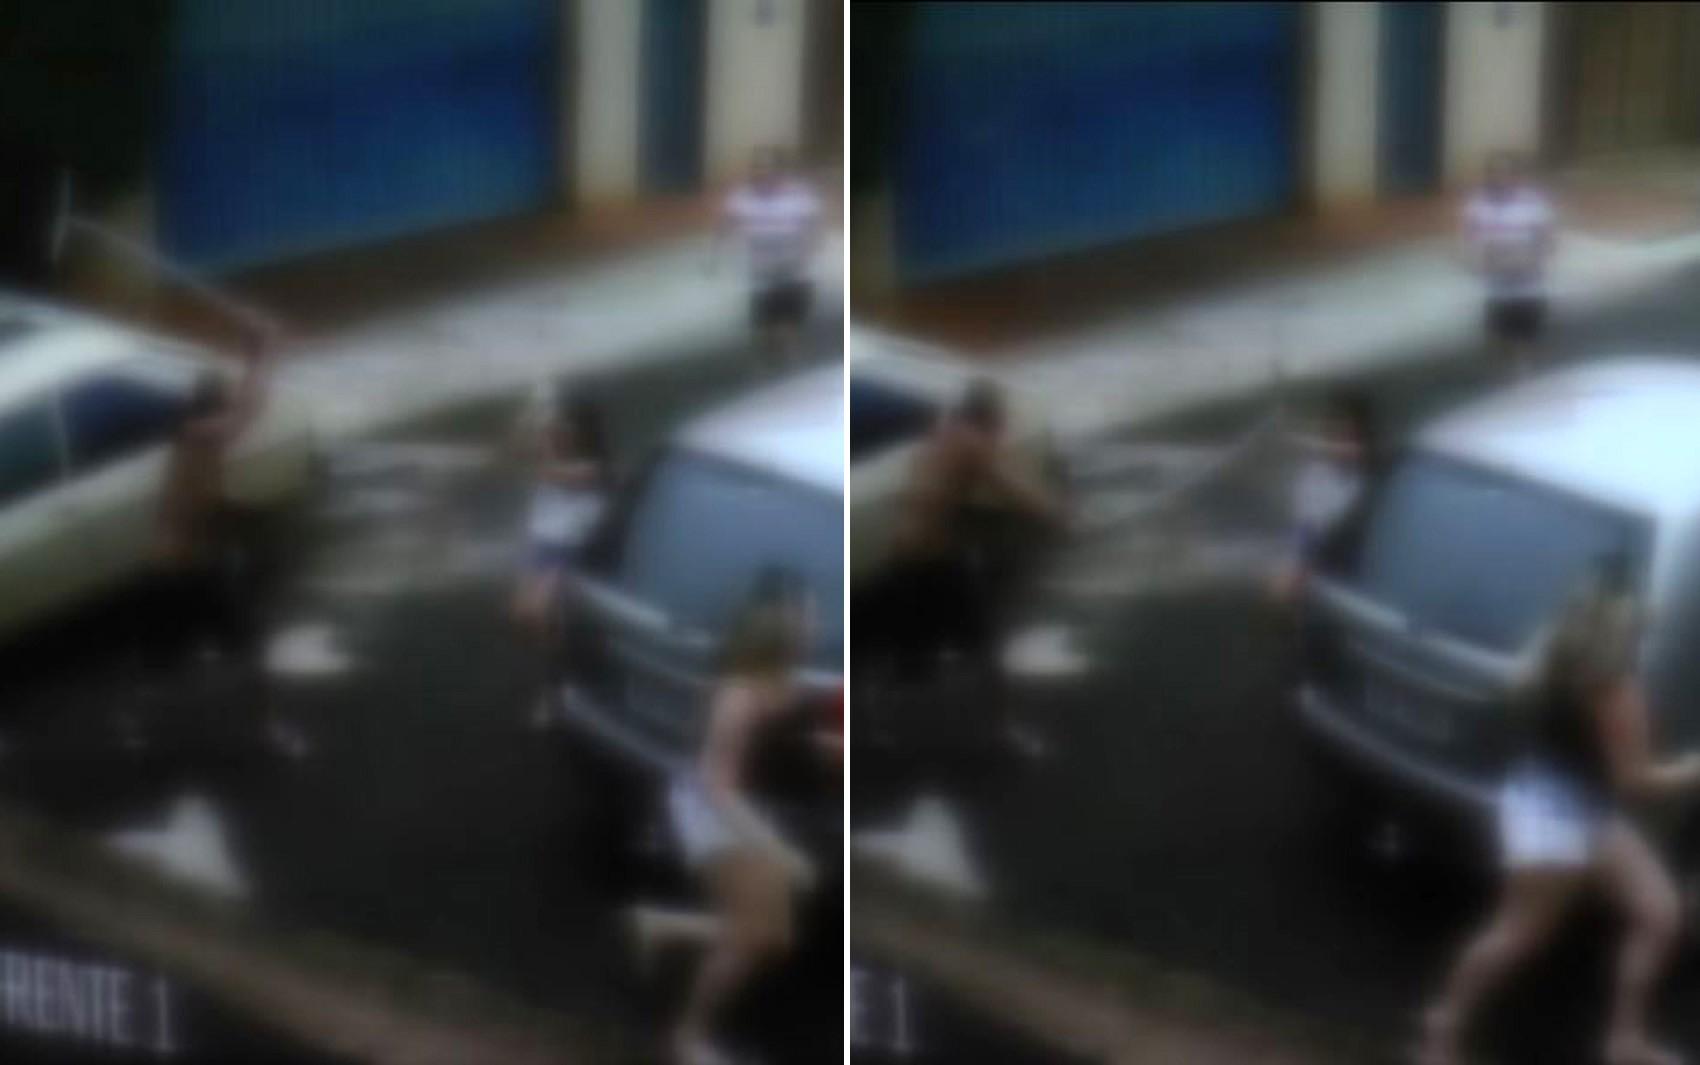 Vídeo mostra agressão contra menina de 10 anos durante briga de família em Ribeirão Preto, SP - Radio Evangelho Gospel